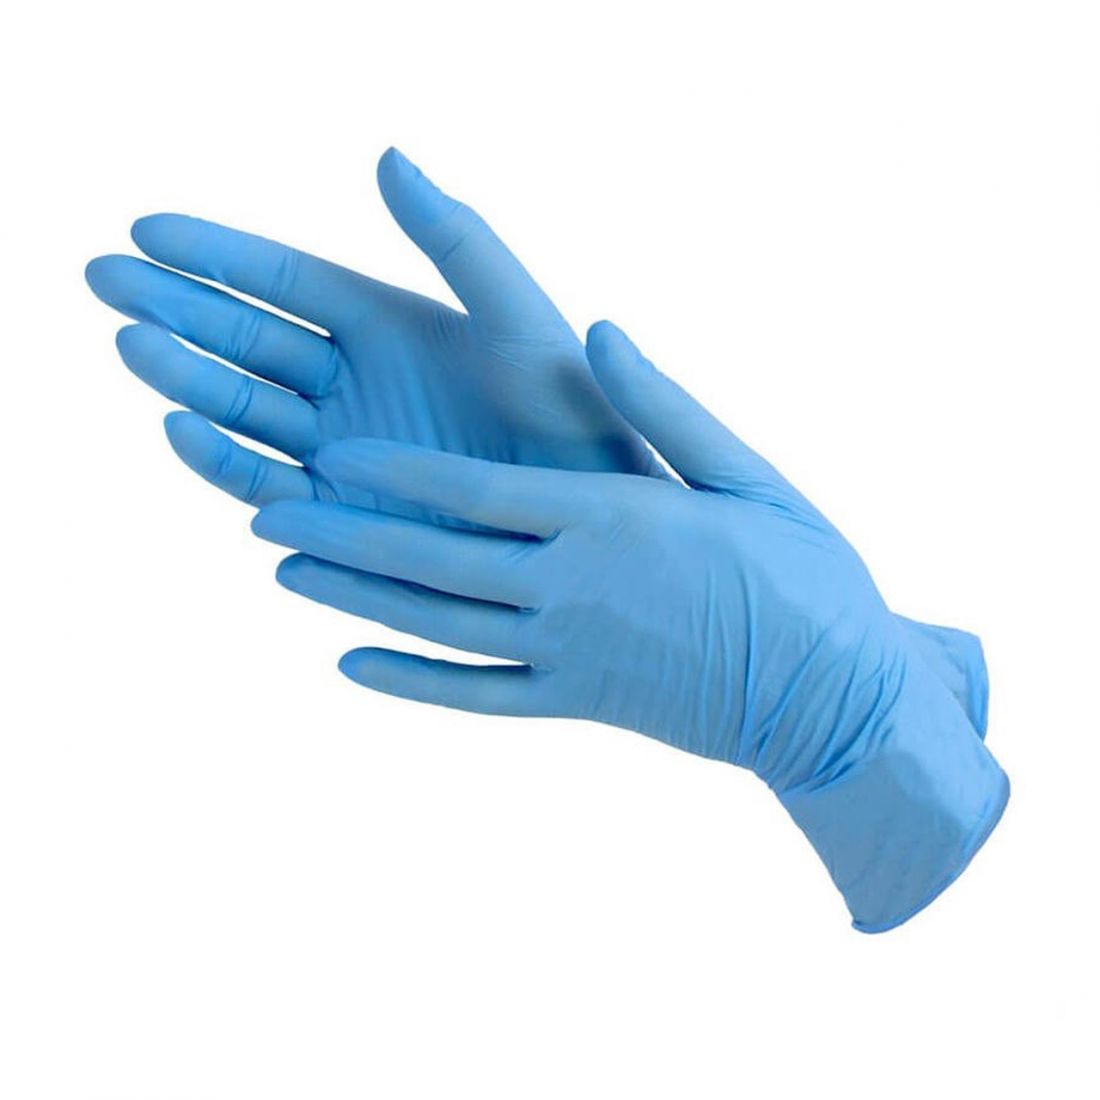 ПЕРЧАТКИ нитриловые неопудренные, 50 пар, размер S голубые